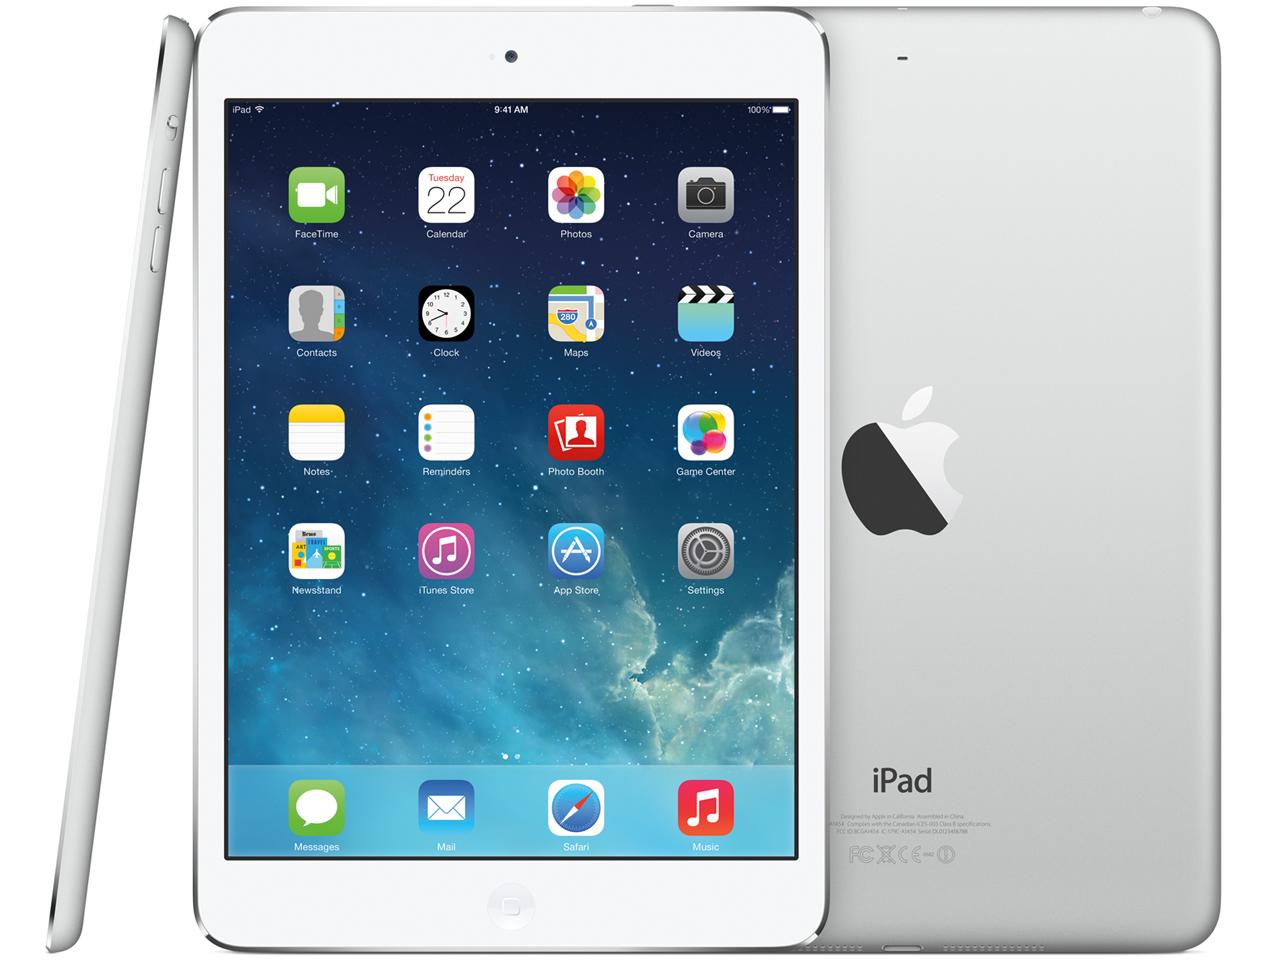 iPad mini 2 Wi-Fiモデル 16GB ME279J/A [シルバー] の製品画像